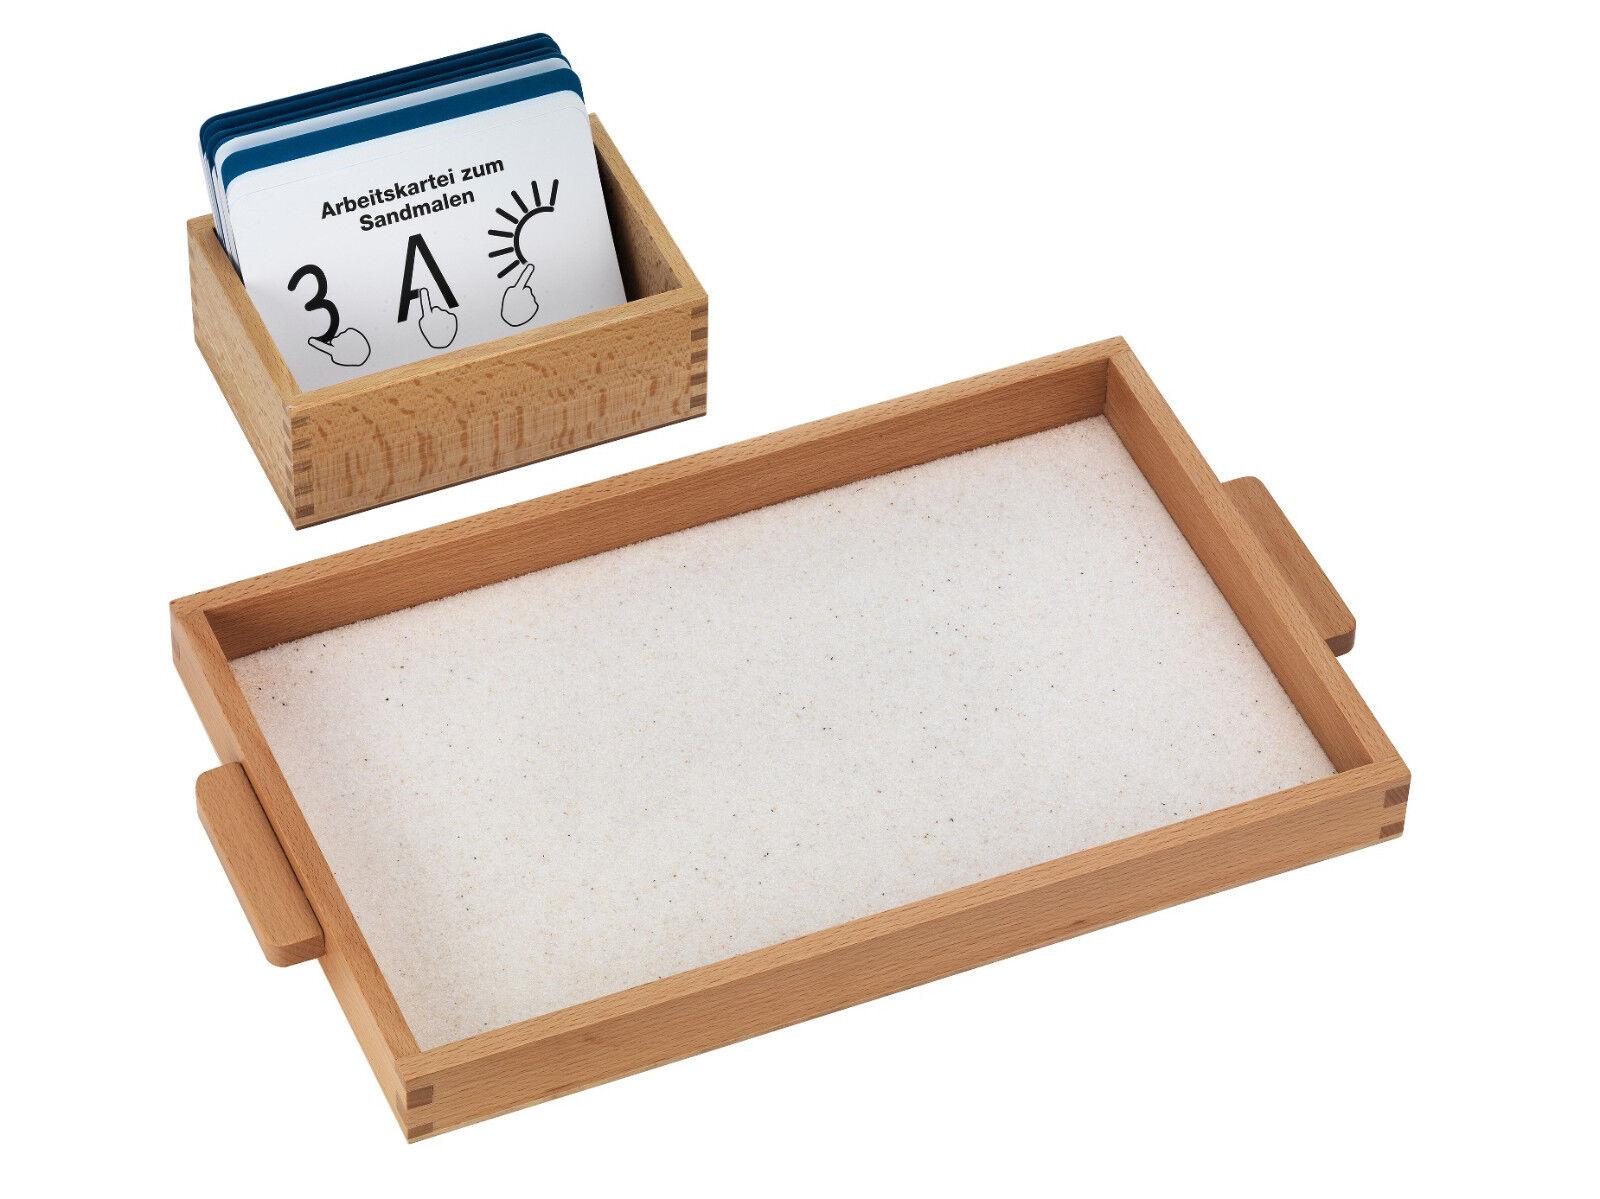 Perfekt Sandmalen mit Tablett, Sand und großer Arbeitskartei Montessori-Material